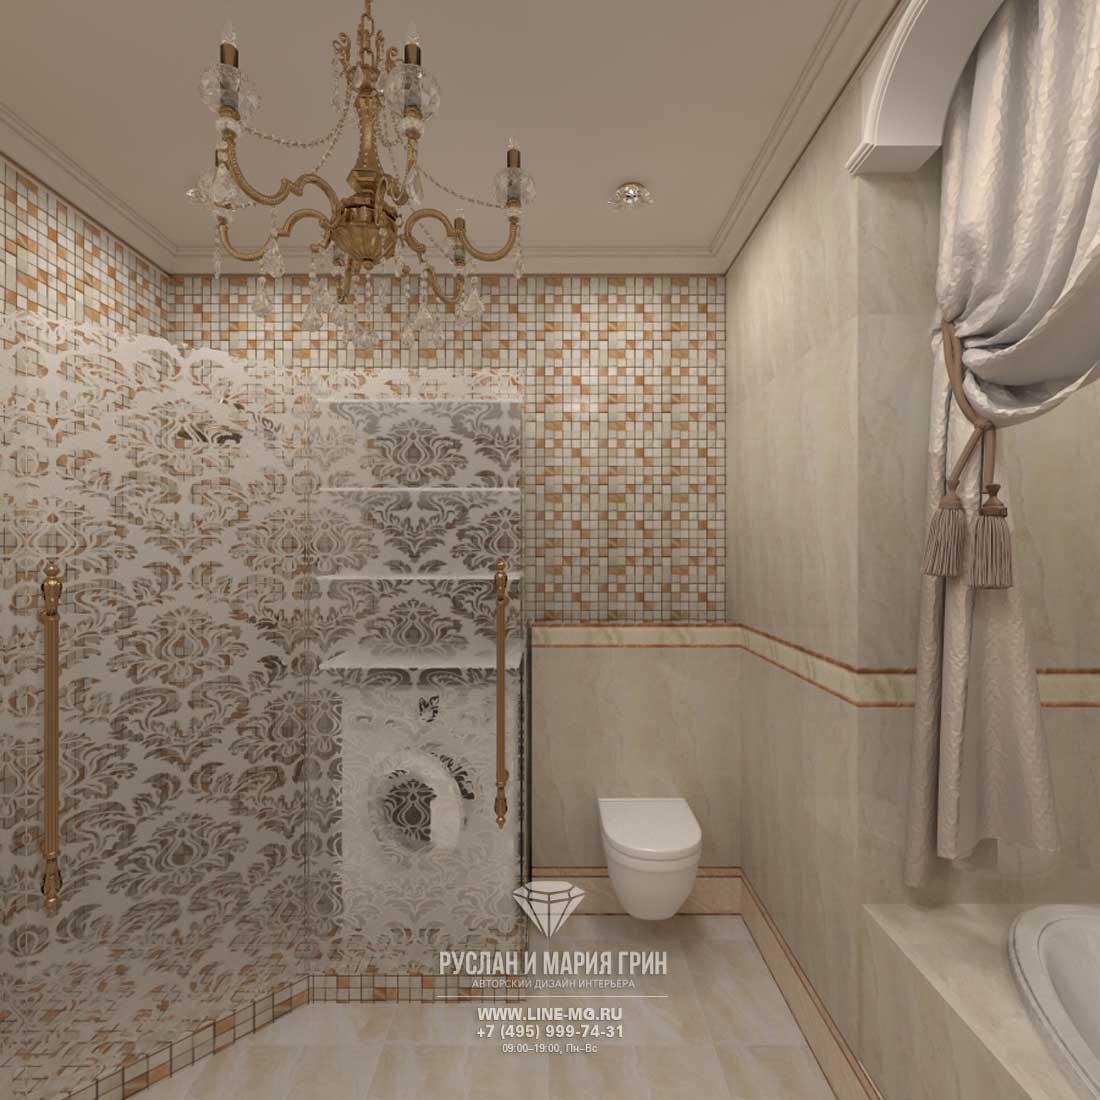 Дизайн ванной комнаты фото 10 кв м с туалетом и стиральной машиной